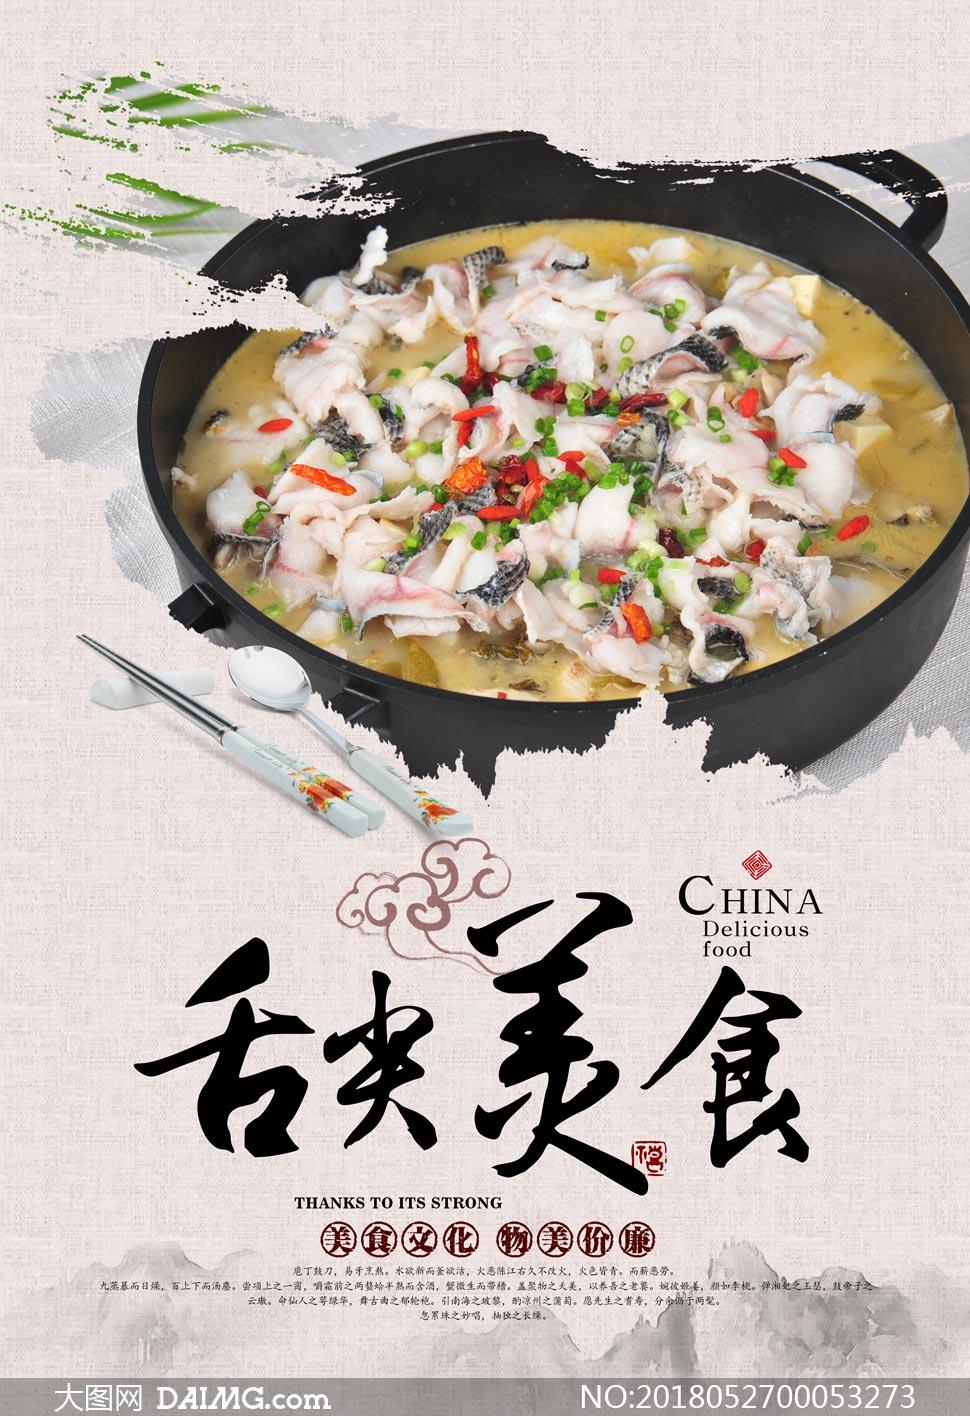 酸菜鱼美食宣传海报设计psd素材